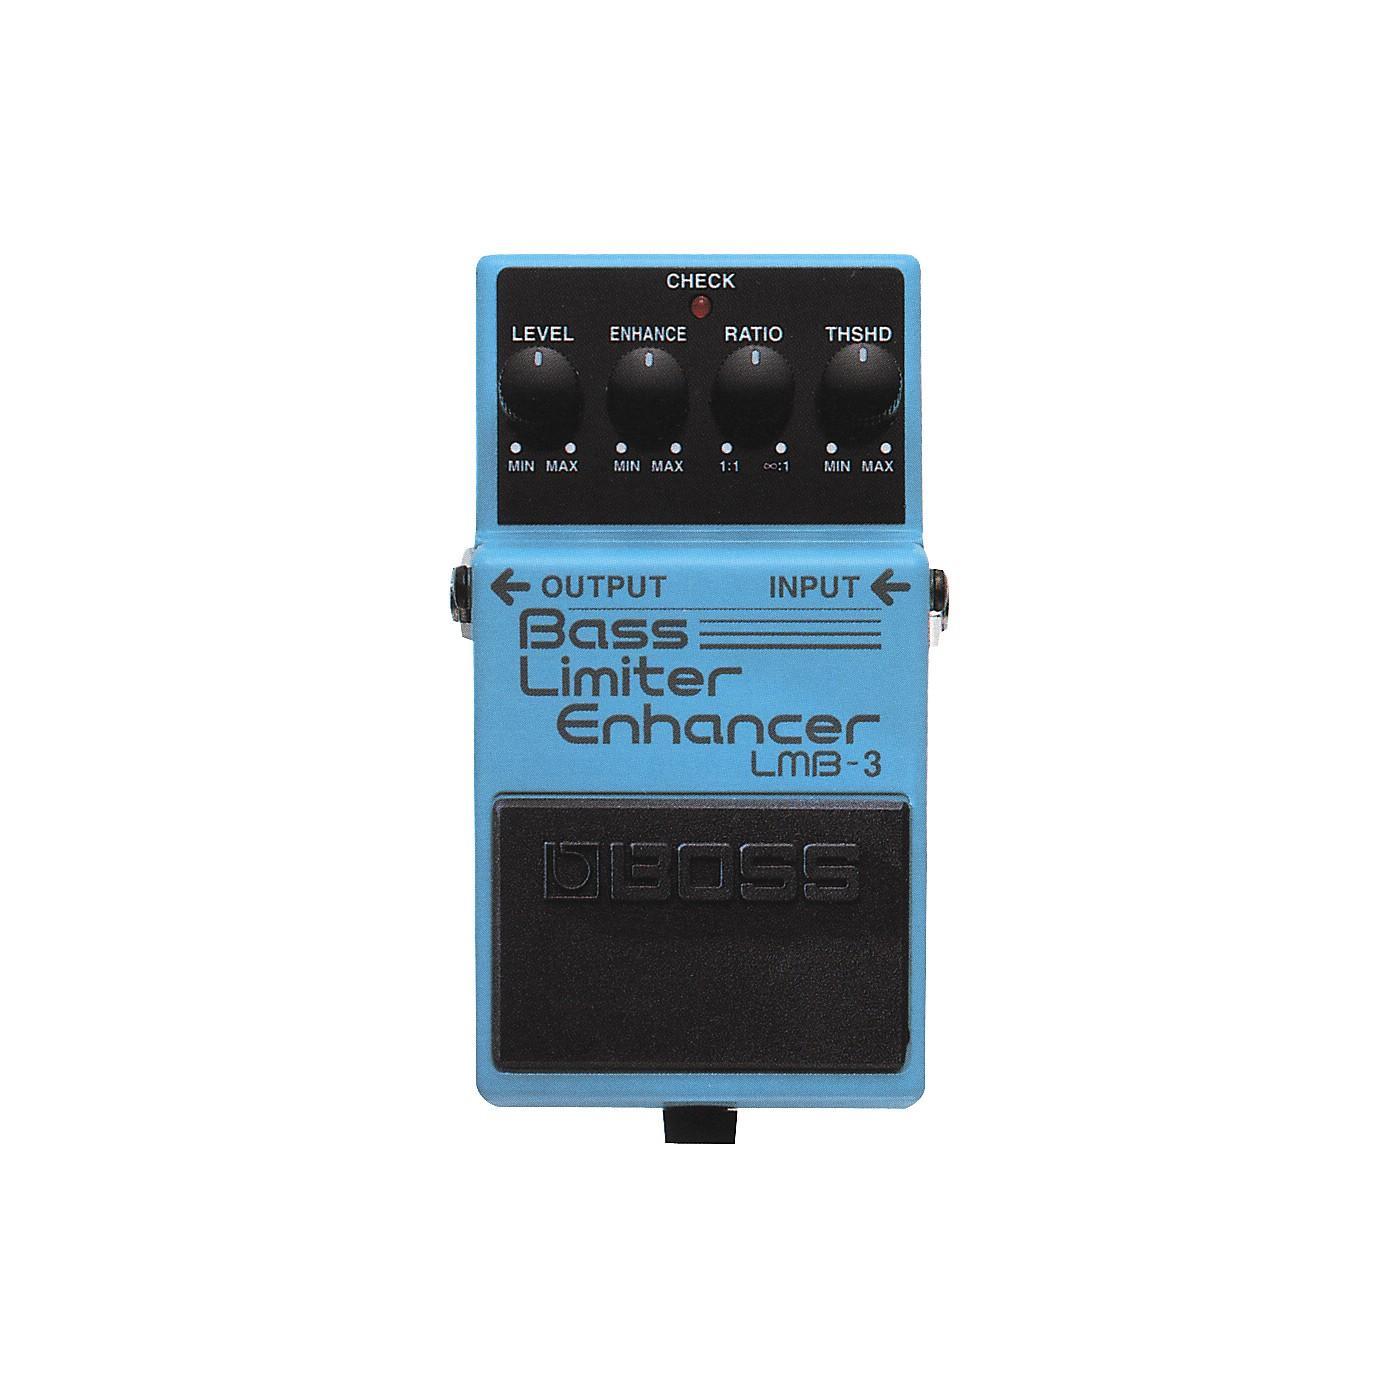 Boss LMB-3 Bass Limiter Enhancer thumbnail